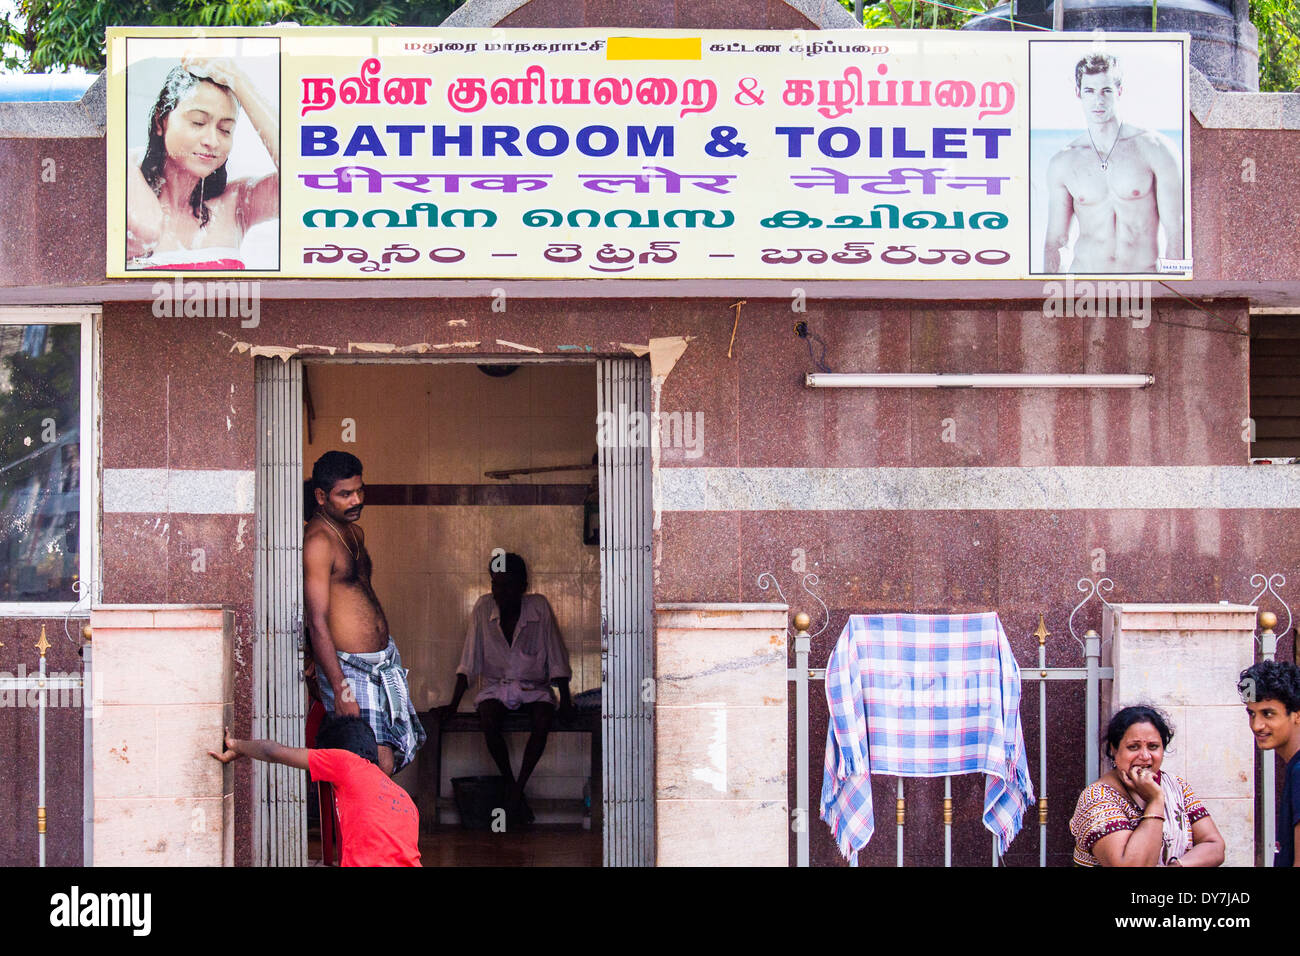 Mature men in public toilet